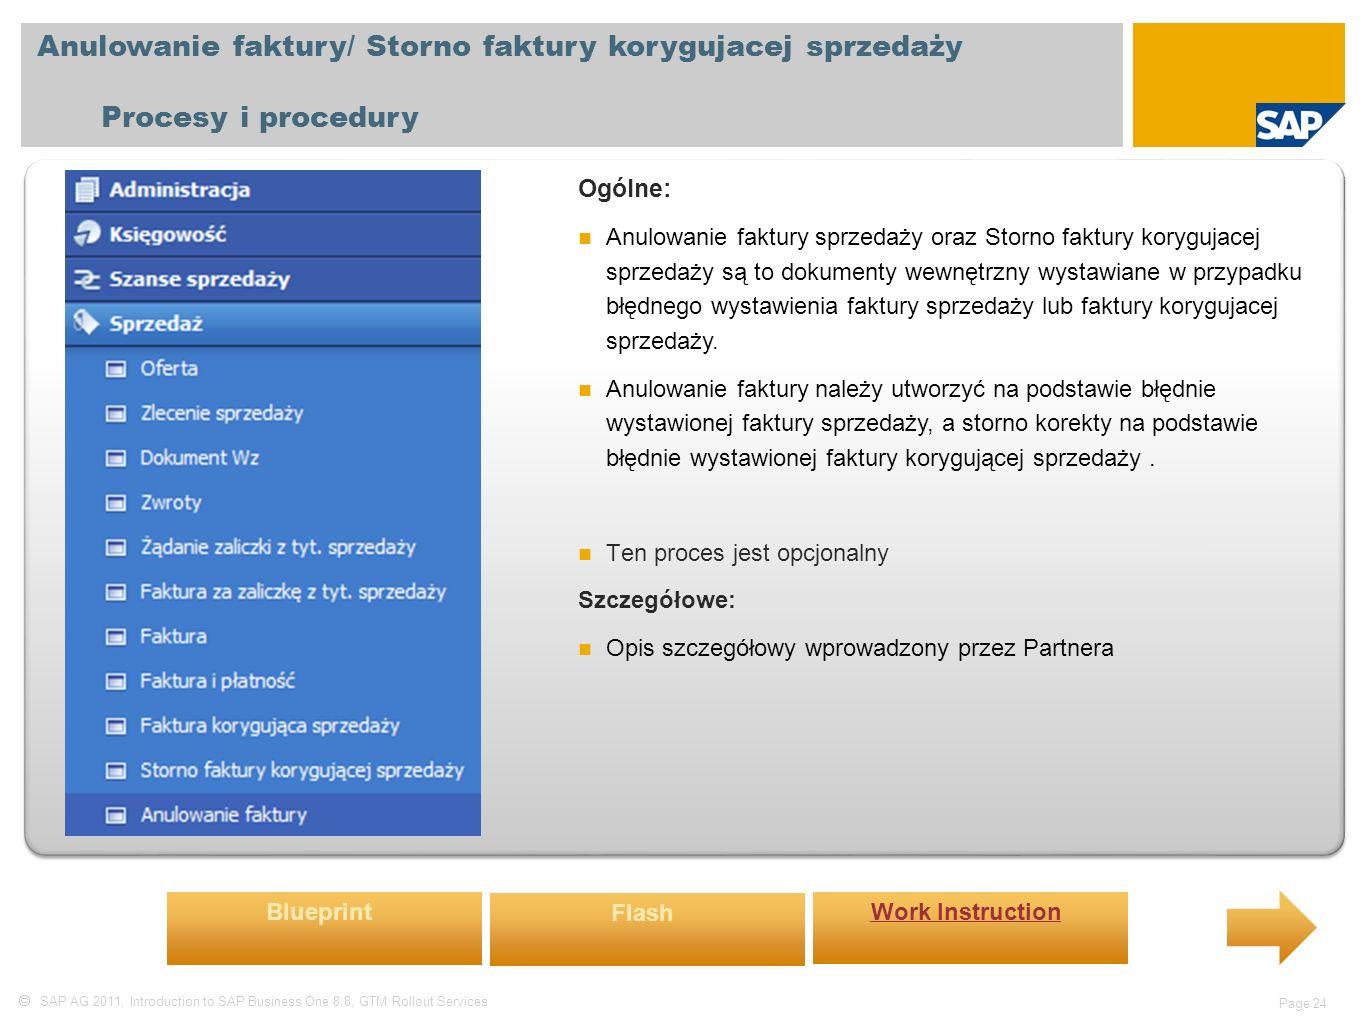  SAP AG 2011, Introduction to SAP Business One 8.8, GTM Rollout Services Page 24 Anulowanie faktury/ Storno faktury korygujacej sprzedaży Procesy i procedury Ogólne: Anulowanie faktury sprzedaży oraz Storno faktury korygujacej sprzedaży są to dokumenty wewnętrzny wystawiane w przypadku błędnego wystawienia faktury sprzedaży lub faktury korygujacej sprzedaży.